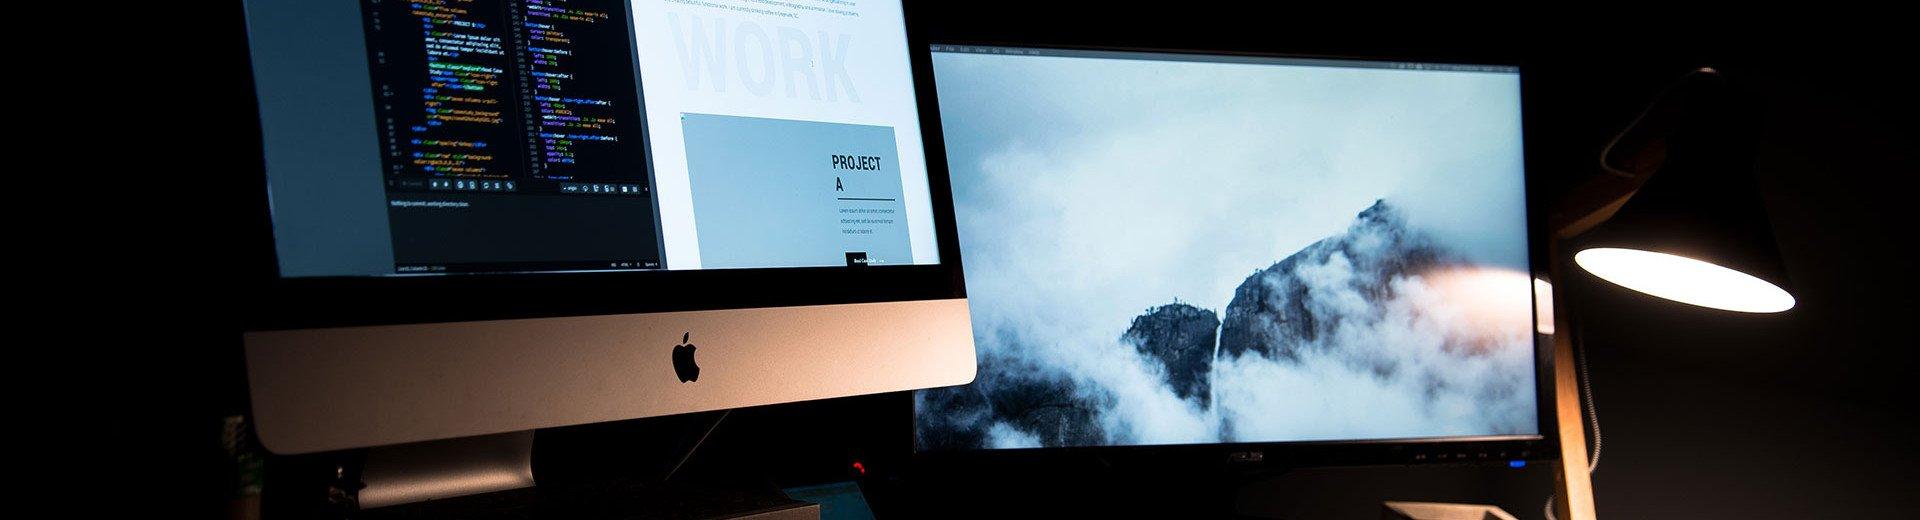 Okładka artykułu Jak wybrać font na stronę internetową? — Garść podstawowych informacji